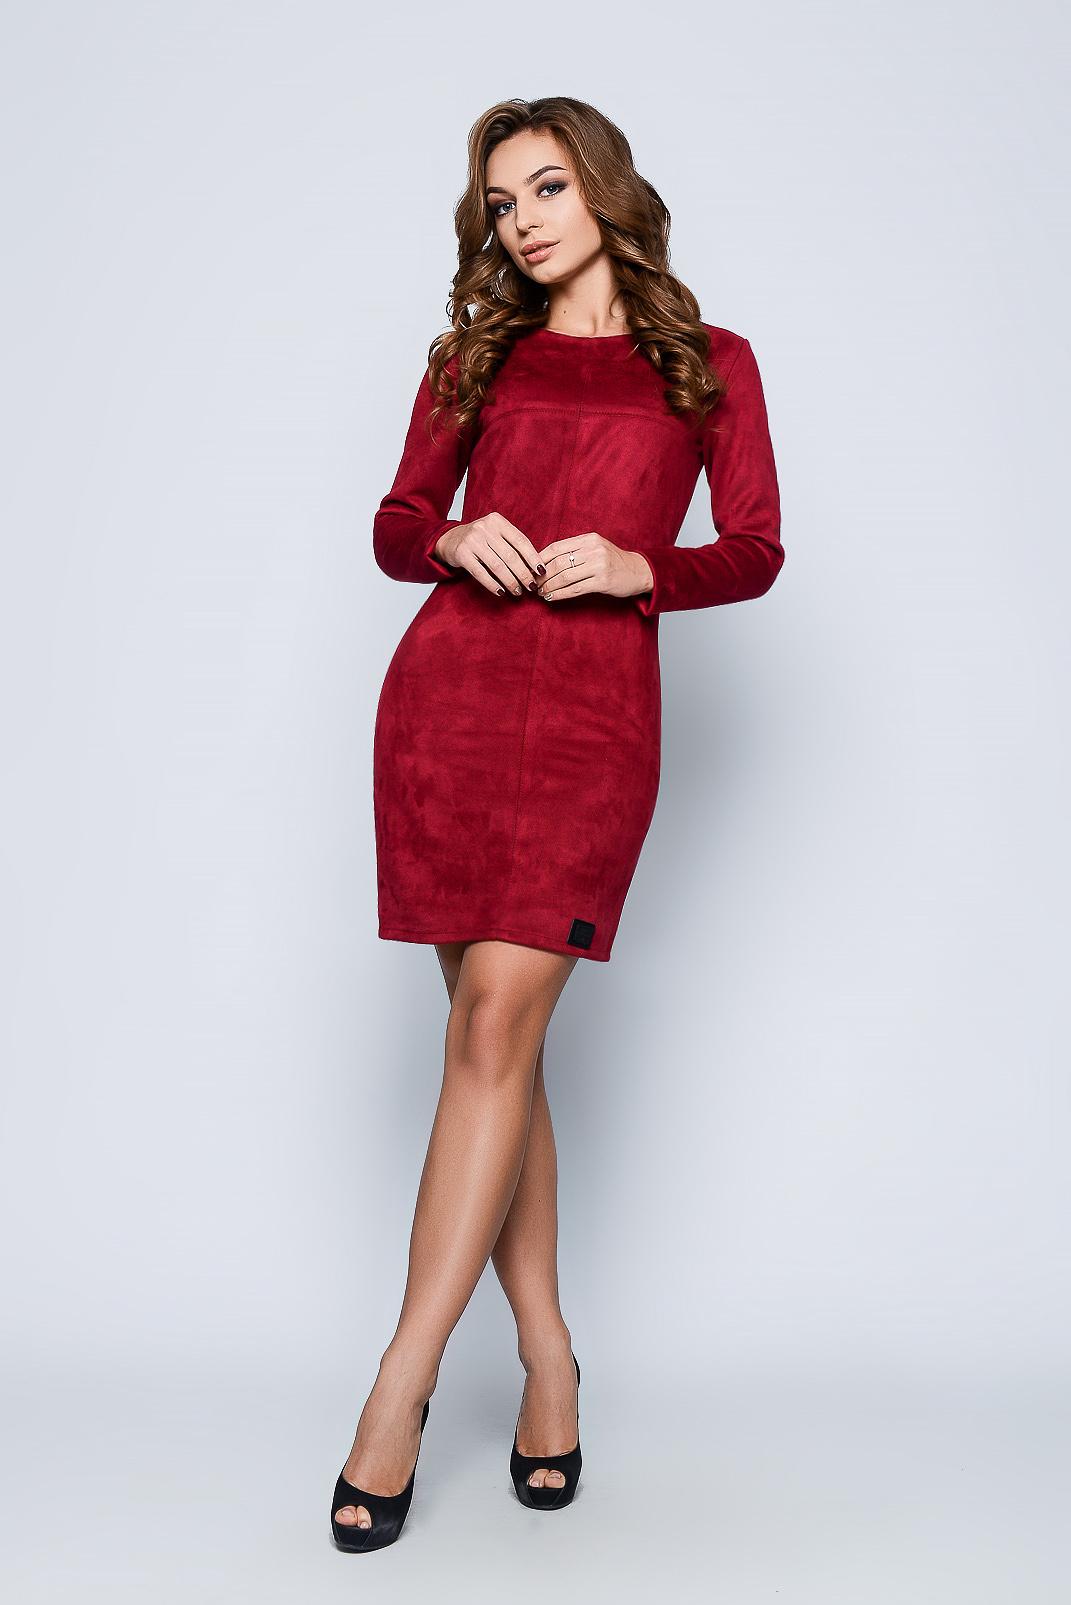 Сбор заказов. Черная пятница! Скидки до 70%! Очень красивая и модная женская одежда C@ric@. ДОБАВИЛА МНОГО МОДЕЛЕЙ ПО РАСПРОДАЖЕ!!! СТОП В ПОНЕДЕЛЬНИК